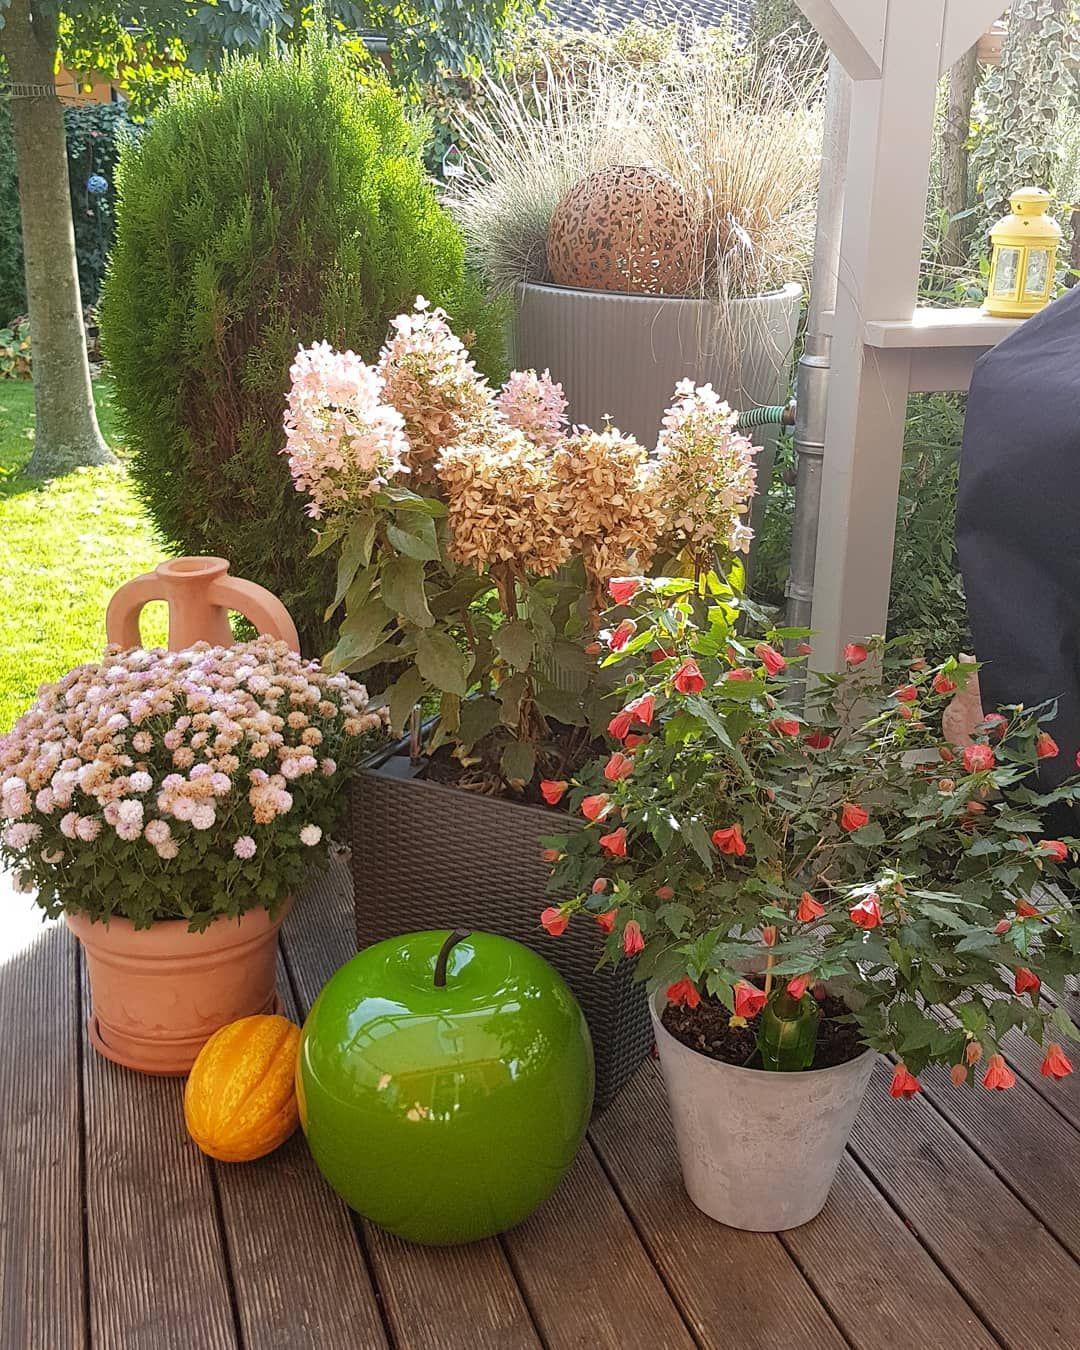 Herbstterasse Herbstgarten Terassengestaltung Gartenliebe Autumdecor Gartenlust Gartendesign Grunerapfel Kurbiszeit Chels Garten Design Herbstgarten Garten